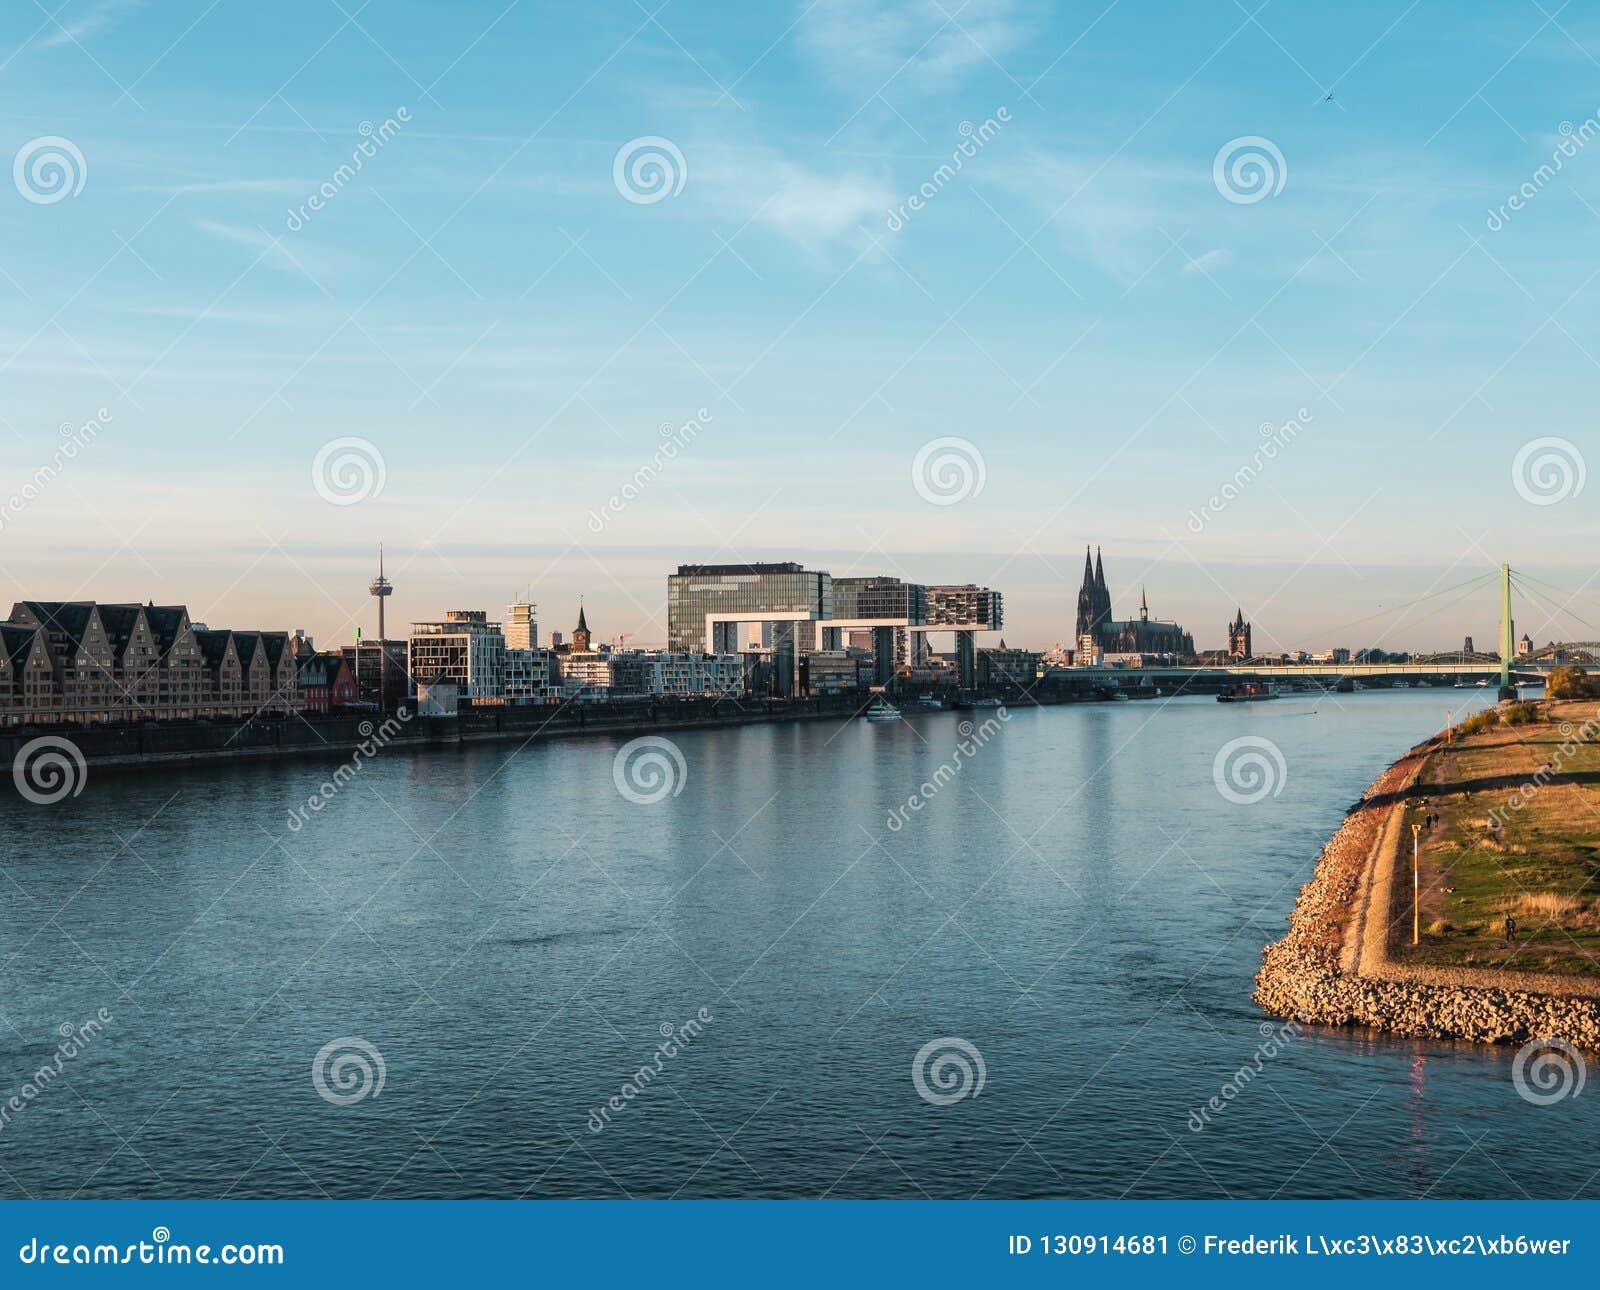 Höst i Cologne: Cityscape av Cologne, Tyskland med domkyrkan